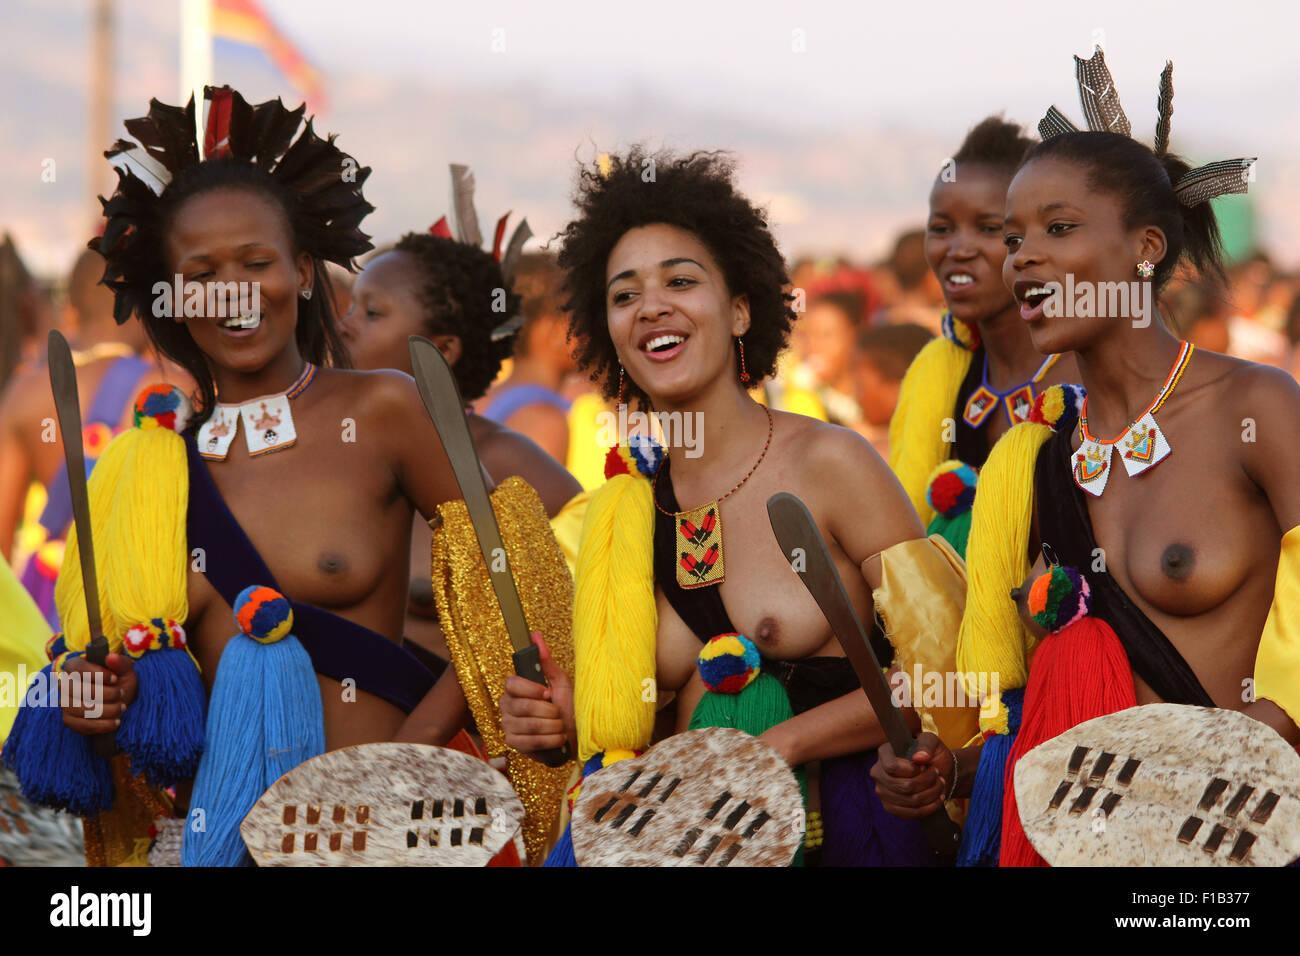 Ludzizini, Swaziland. 30th Aug, 2015. Women and girls ...